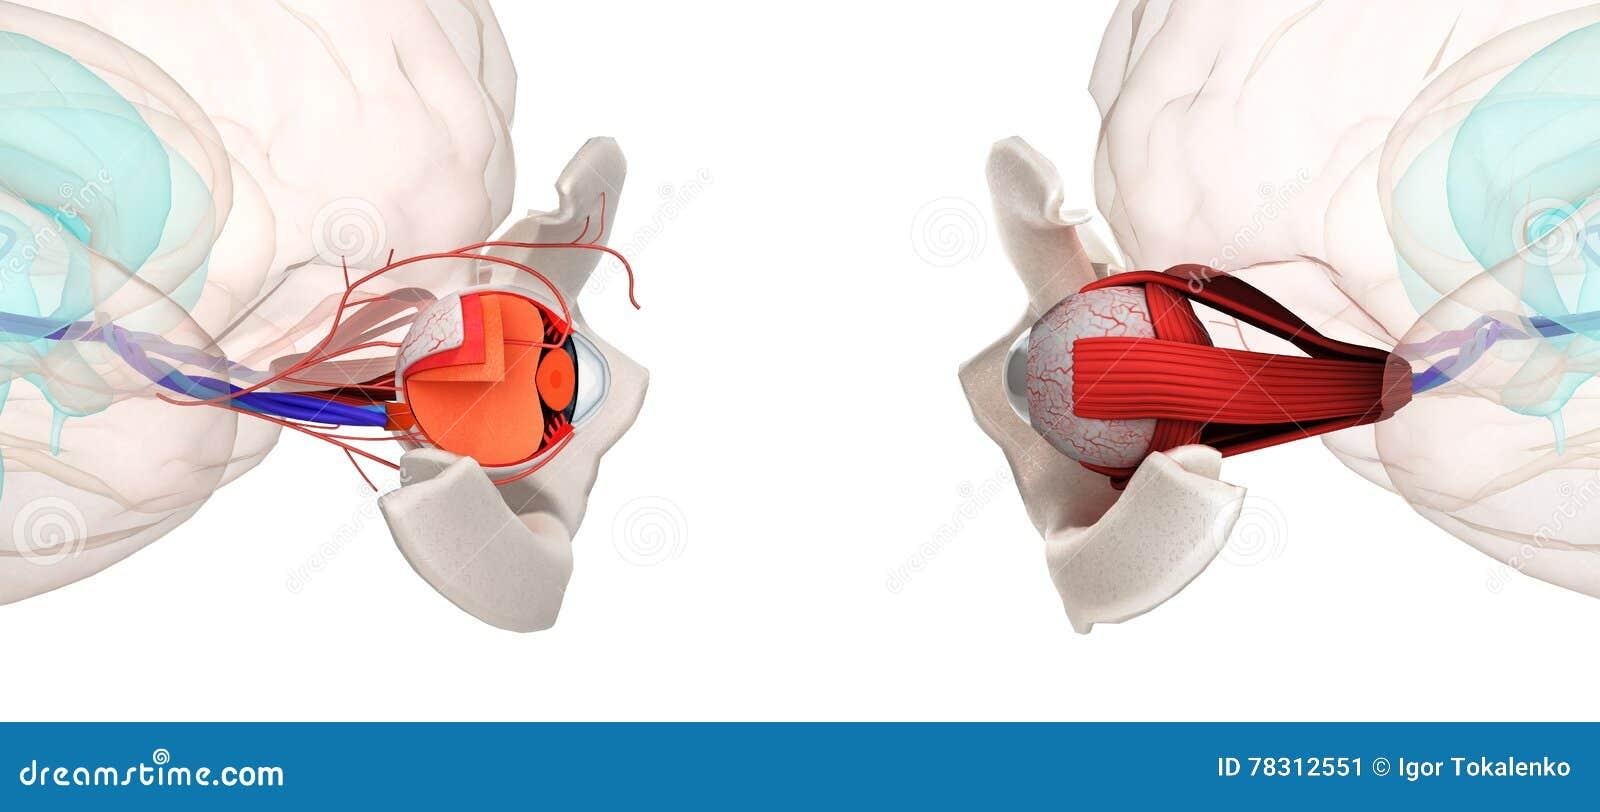 Observe La Anatomía Y Estructura, Los Músculos, Los Nervios Y Los ...